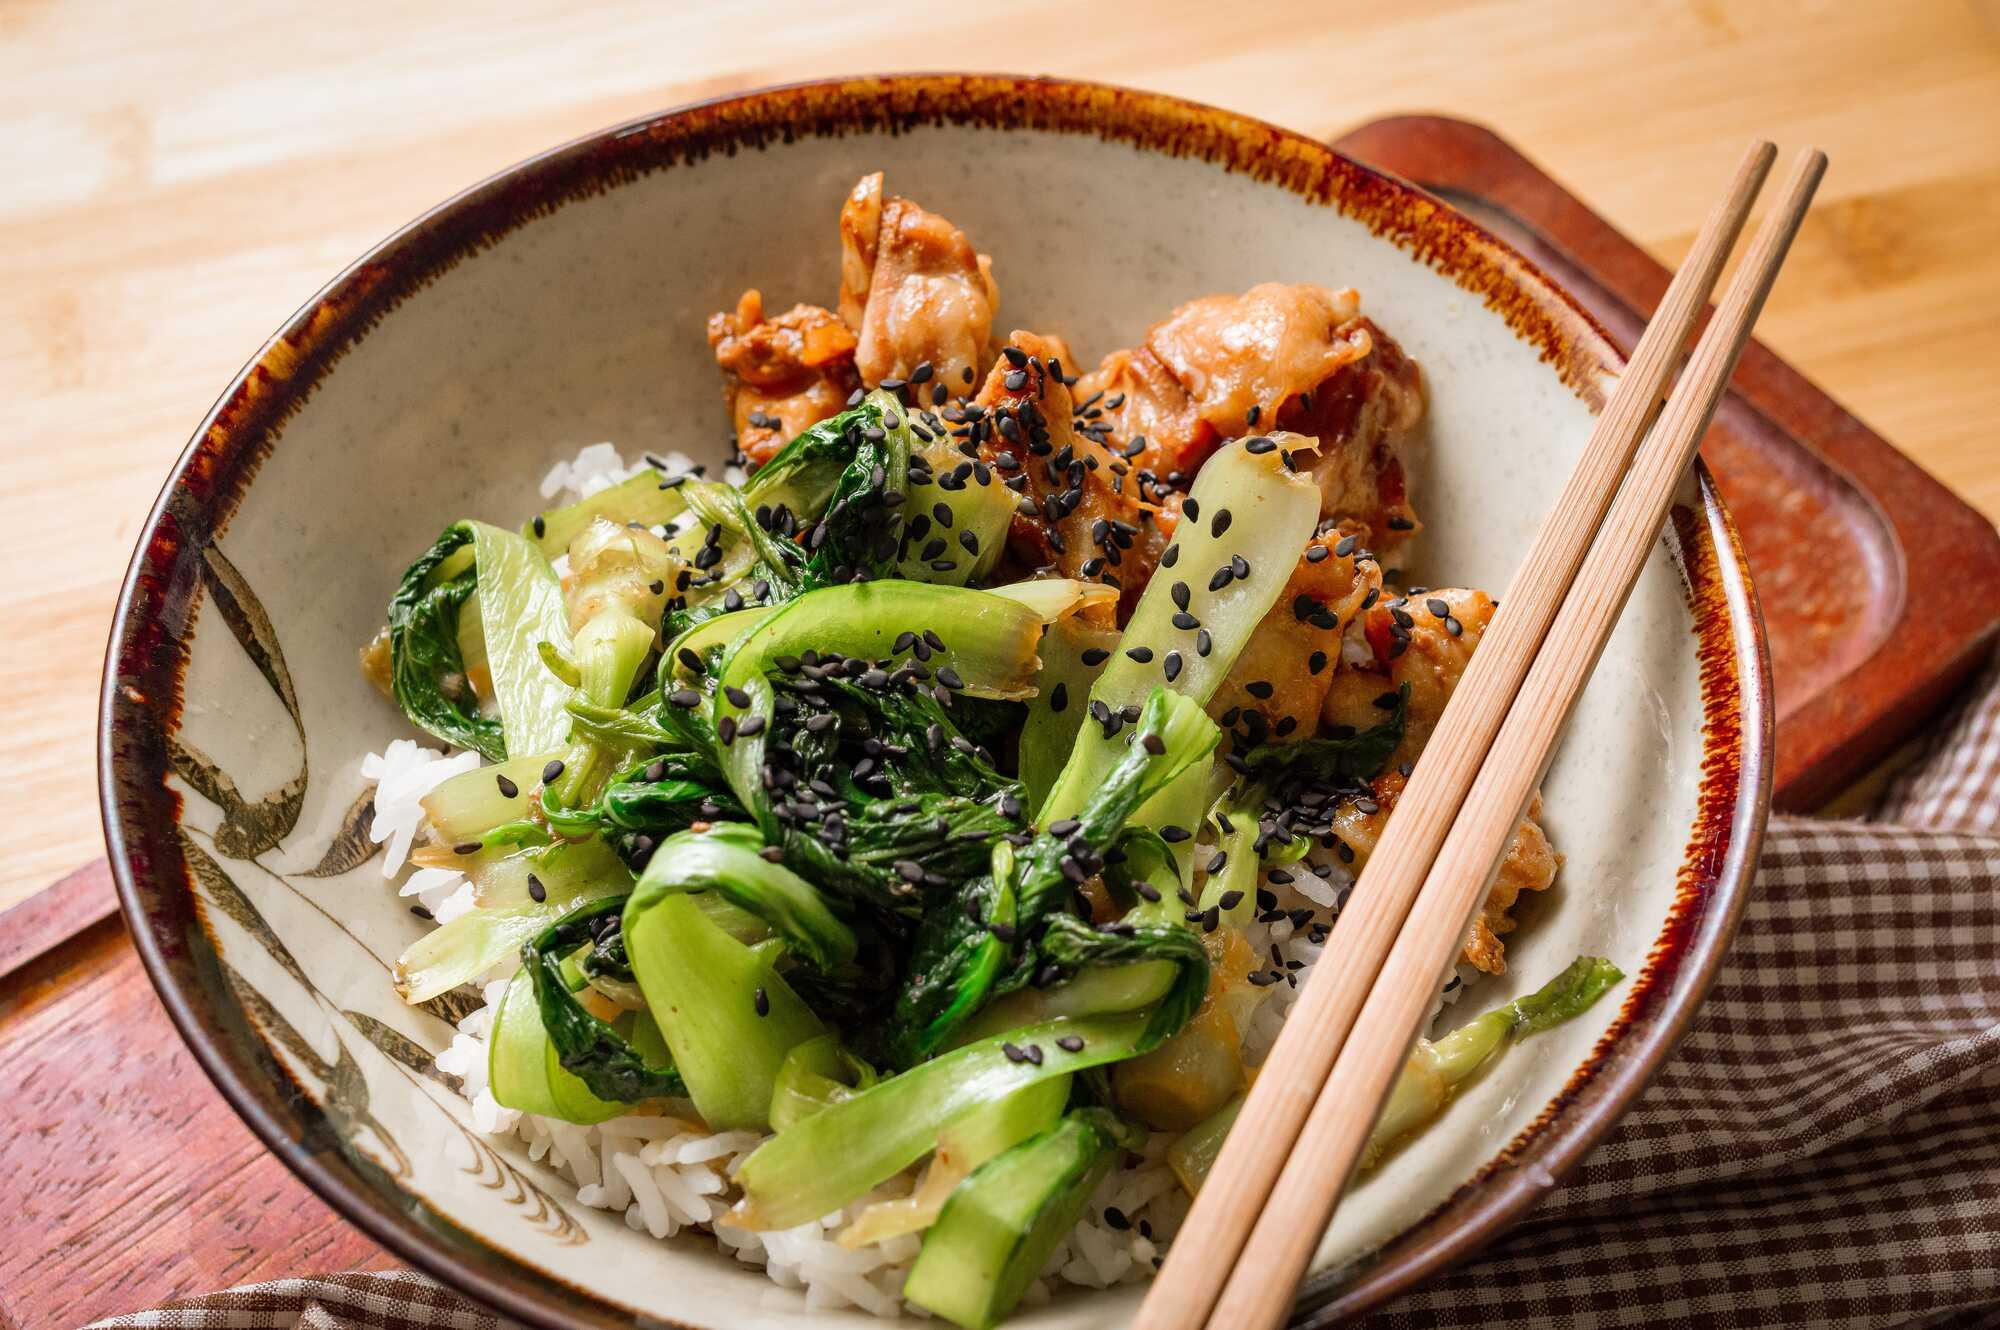 Le poulet teriyaki et le pak choï sont au dessus d'une boule de riz, le tout présentés dans un bol à l'asiatique avec des baguettes.